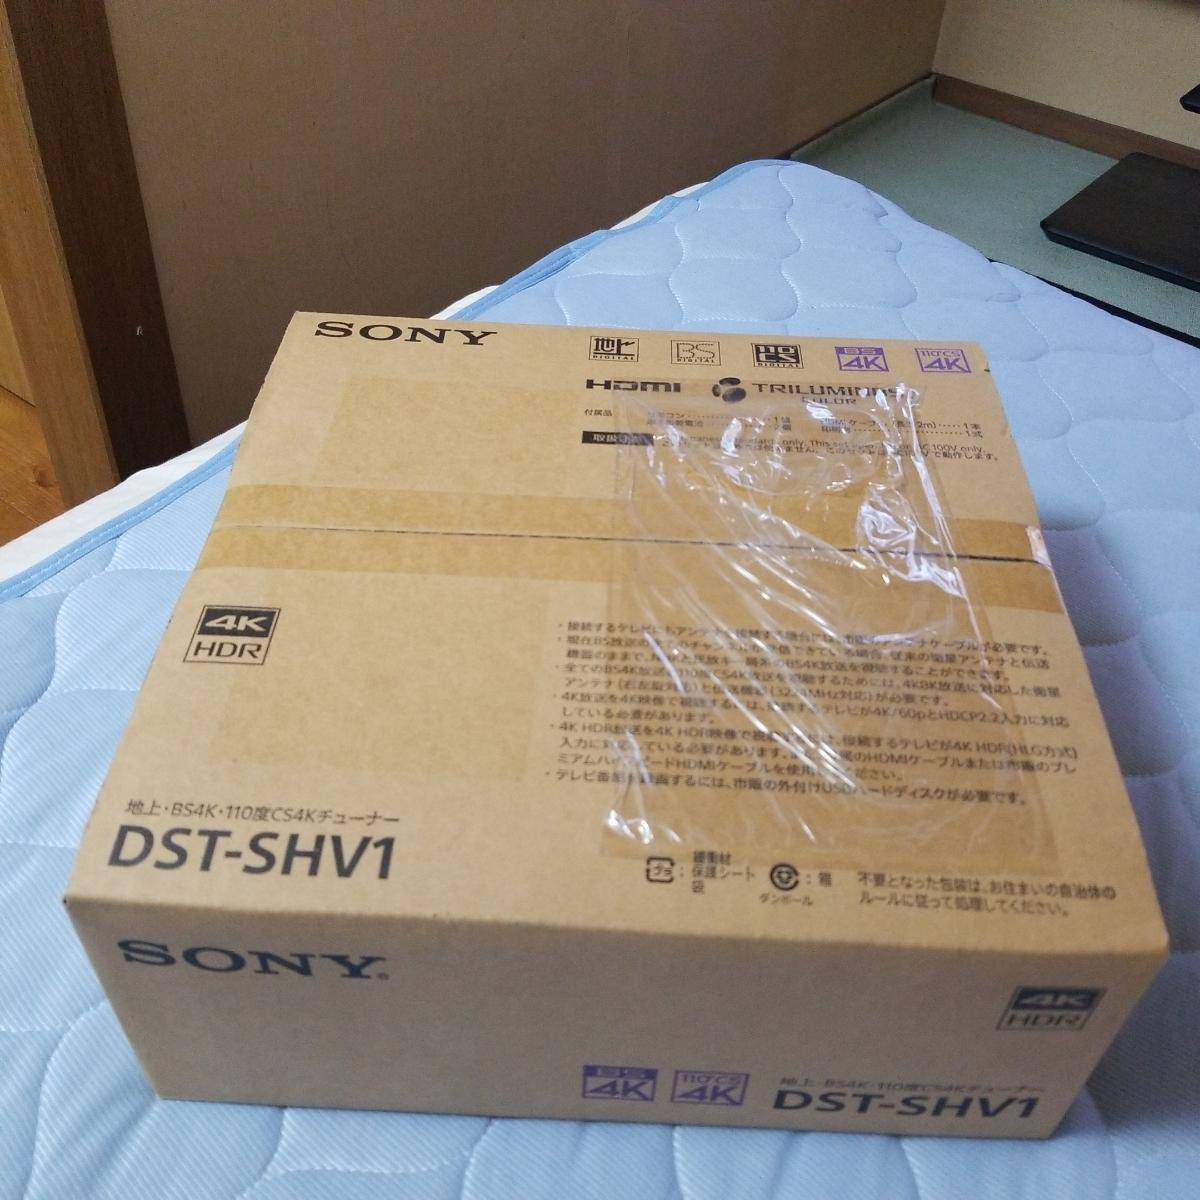 SONY 地上・BS4K・110度CS4Kチューナー DST-SHV1 未開封!送料込み!